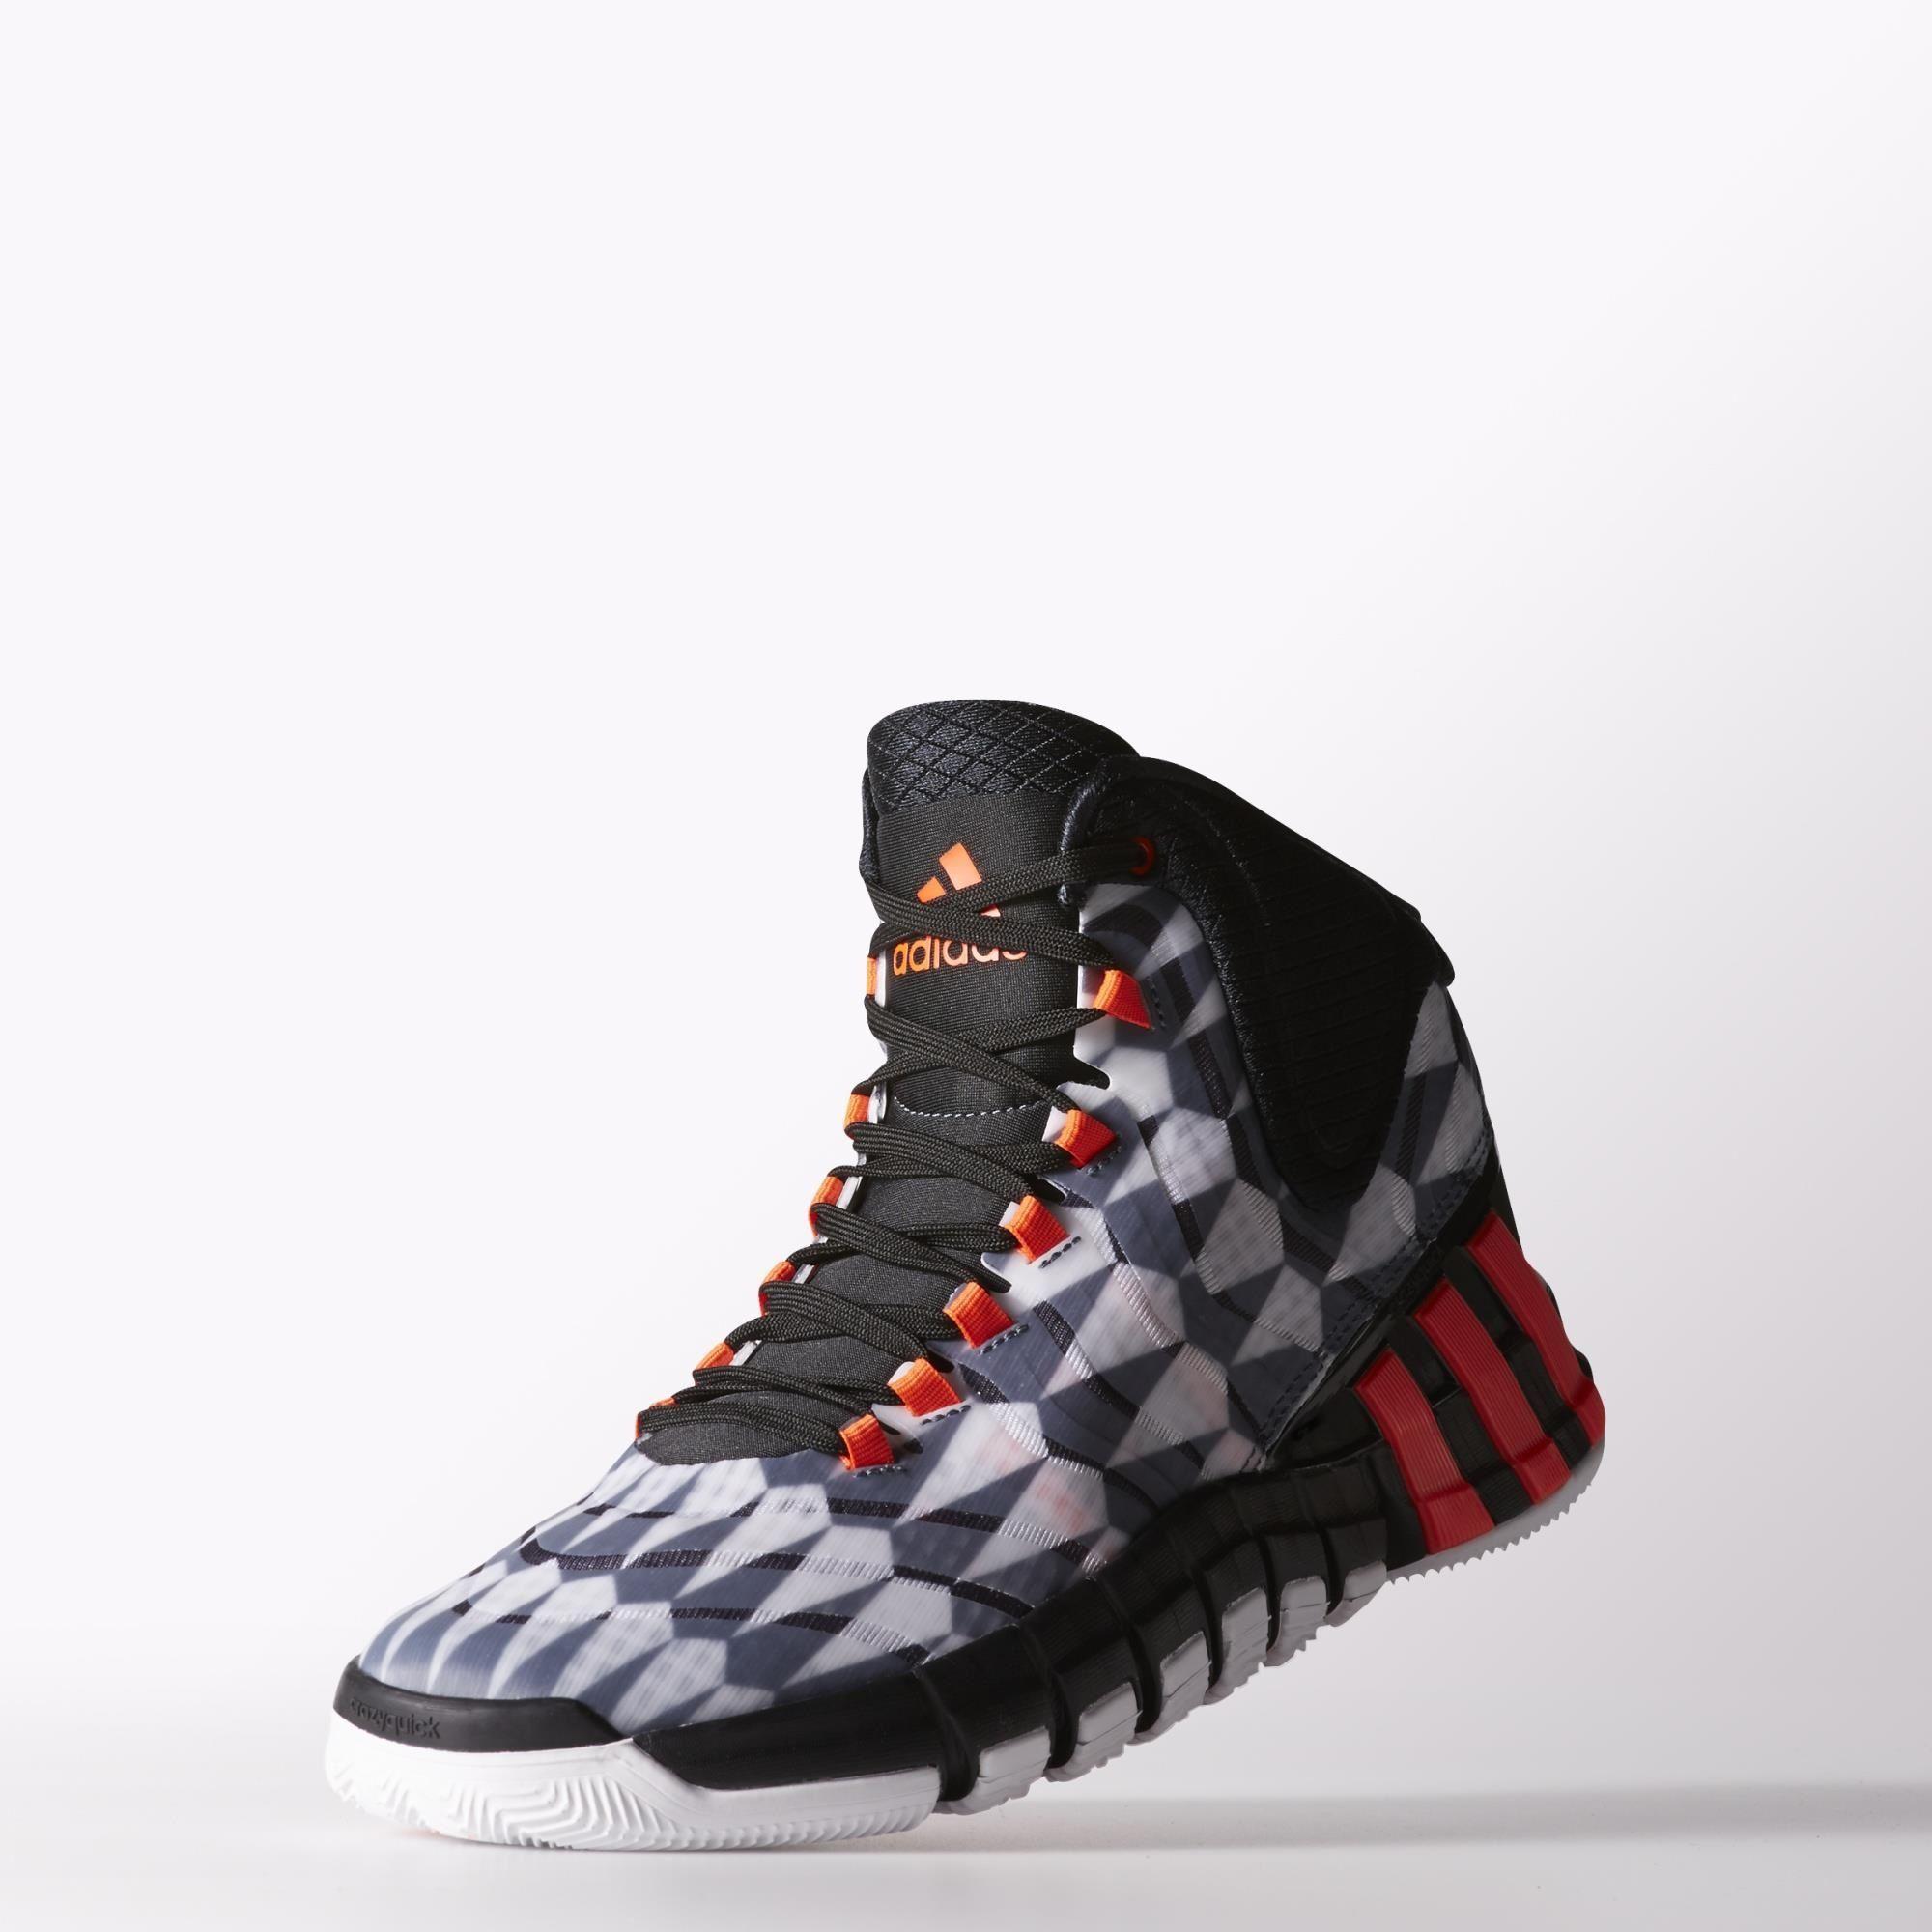 reputable site 3050e e5c7f adidas - adipure Crazyquick 2.0